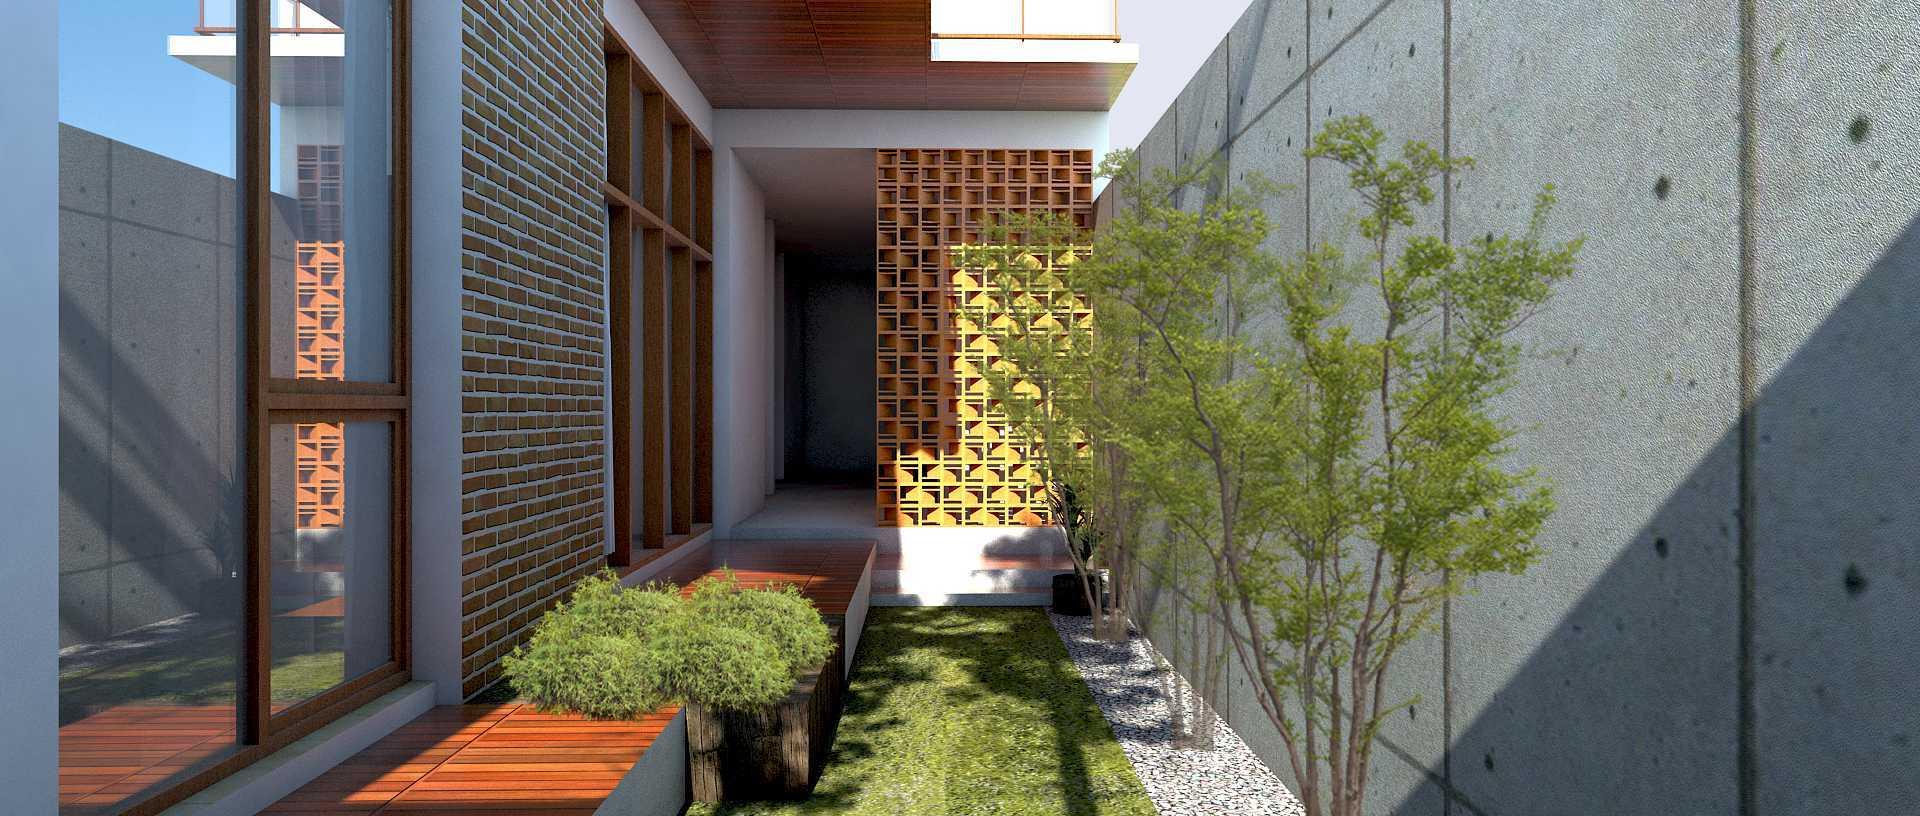 Future Architects Studio Rumah Kisi Asri Pontianak, Indonesia Pontianak, Indonesia S11   44175